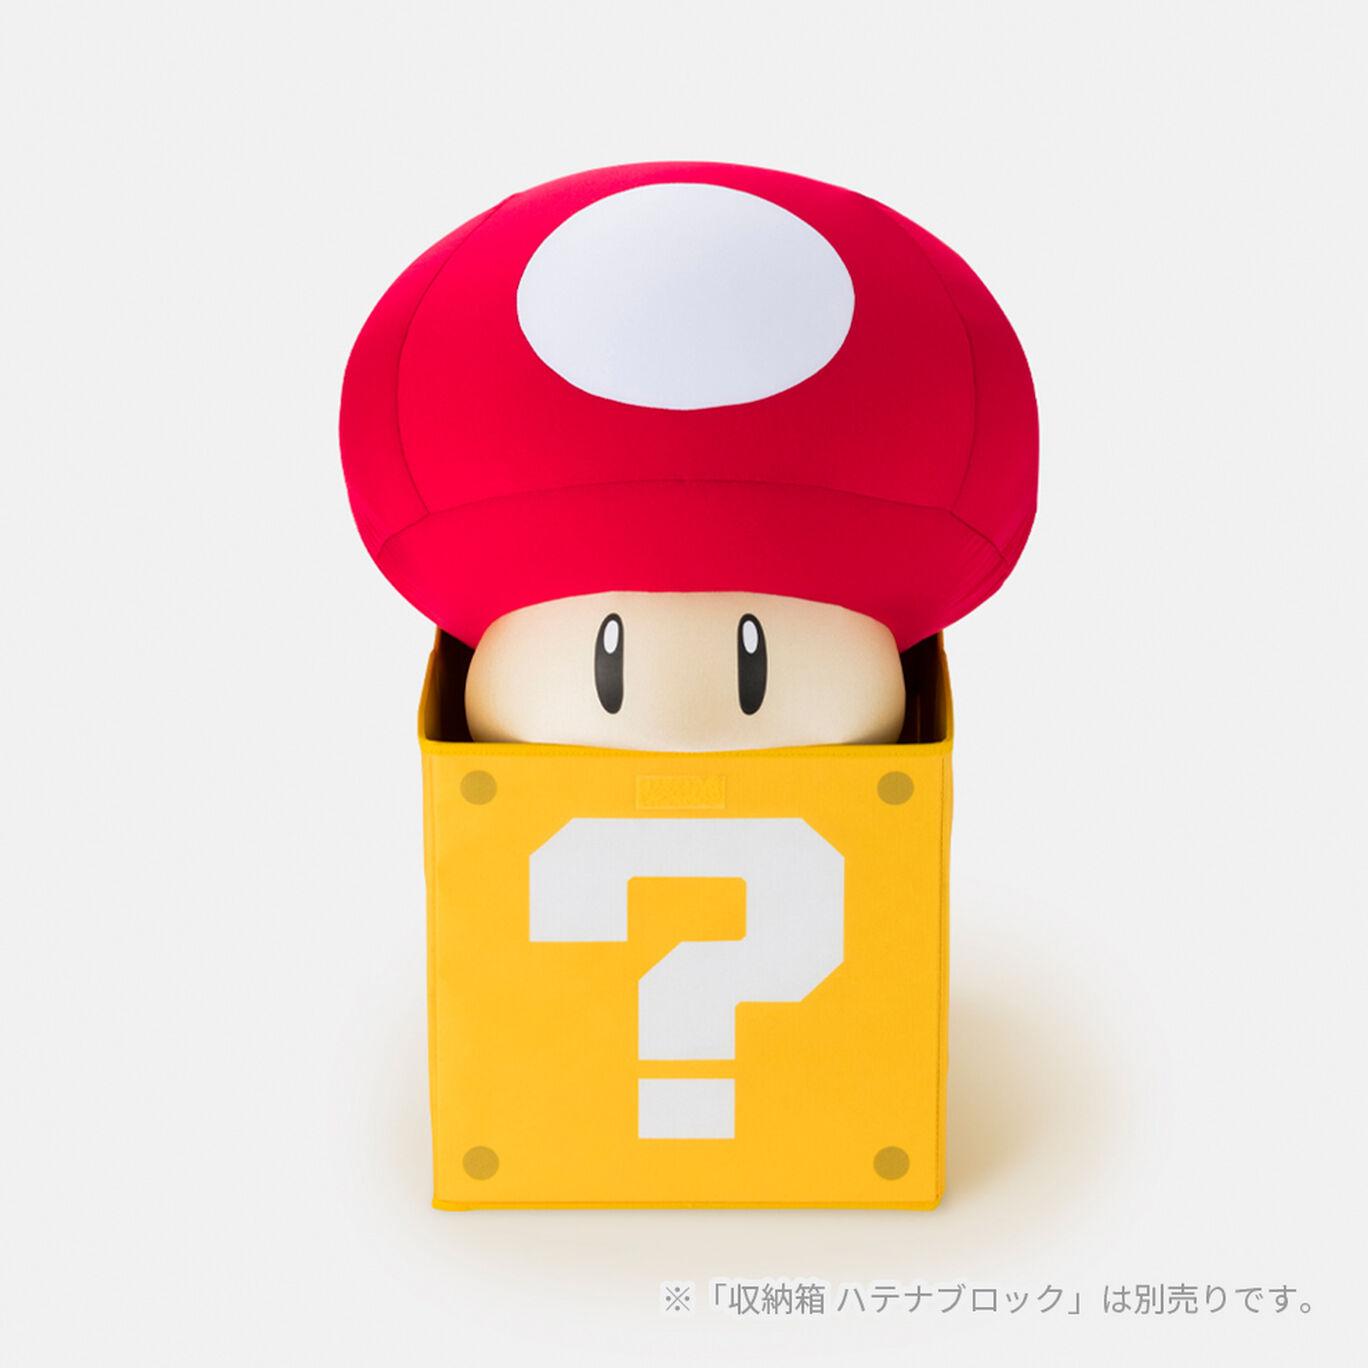 クッション スーパーマリオ スーパーキノコ【Nintendo TOKYO取り扱い商品】